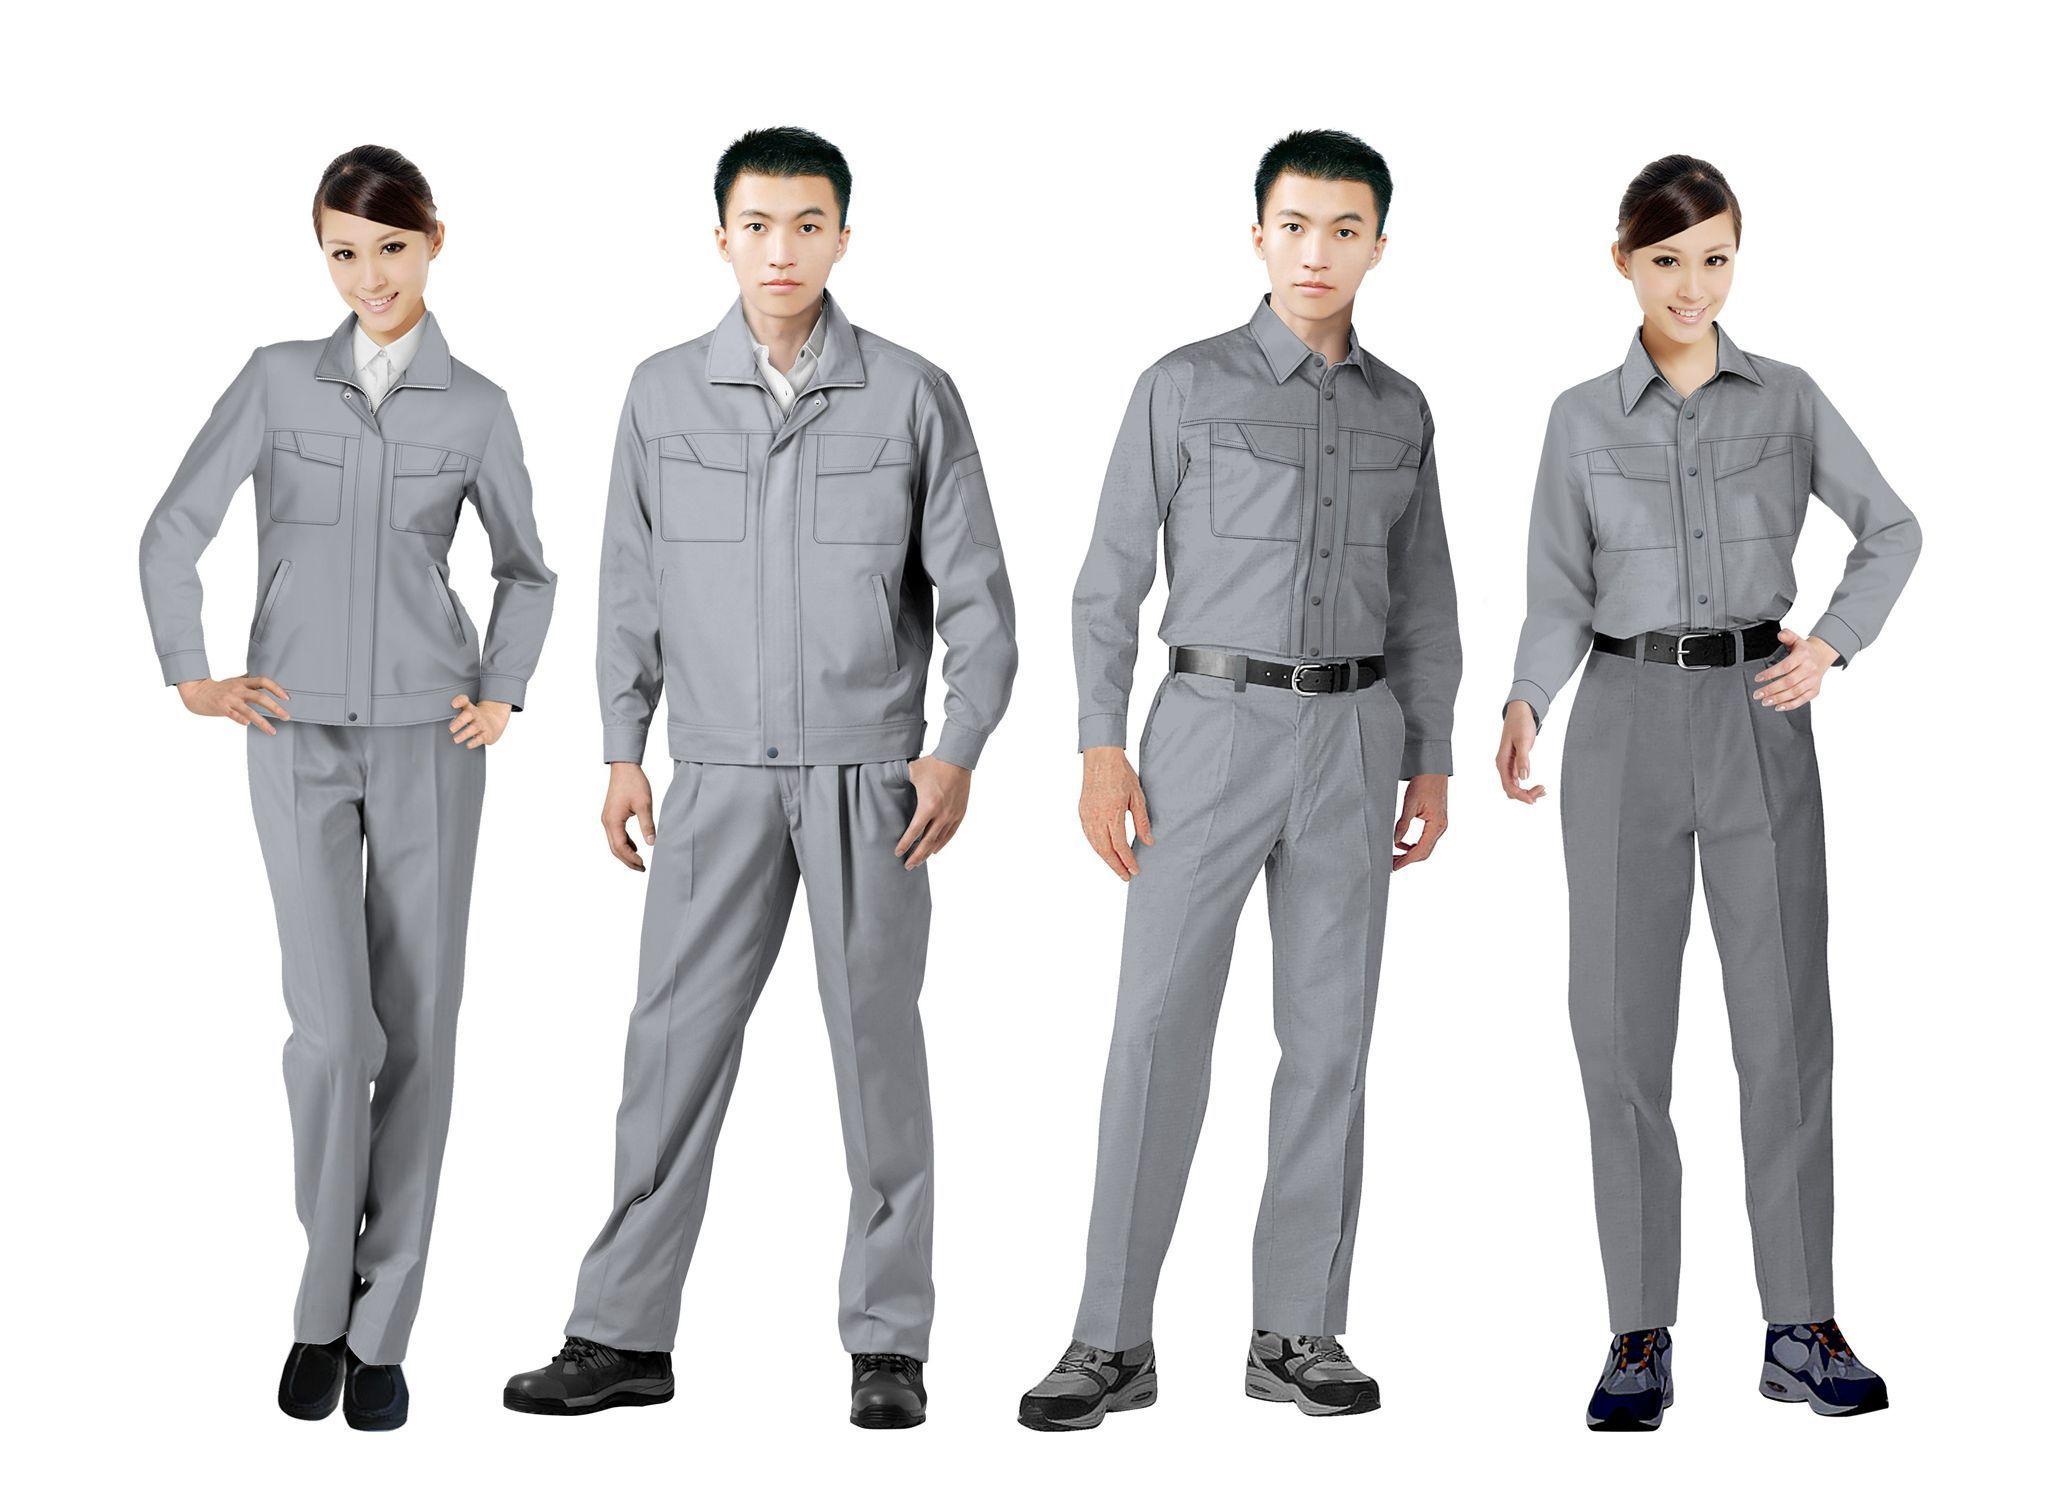 工作服设计图系列方案11